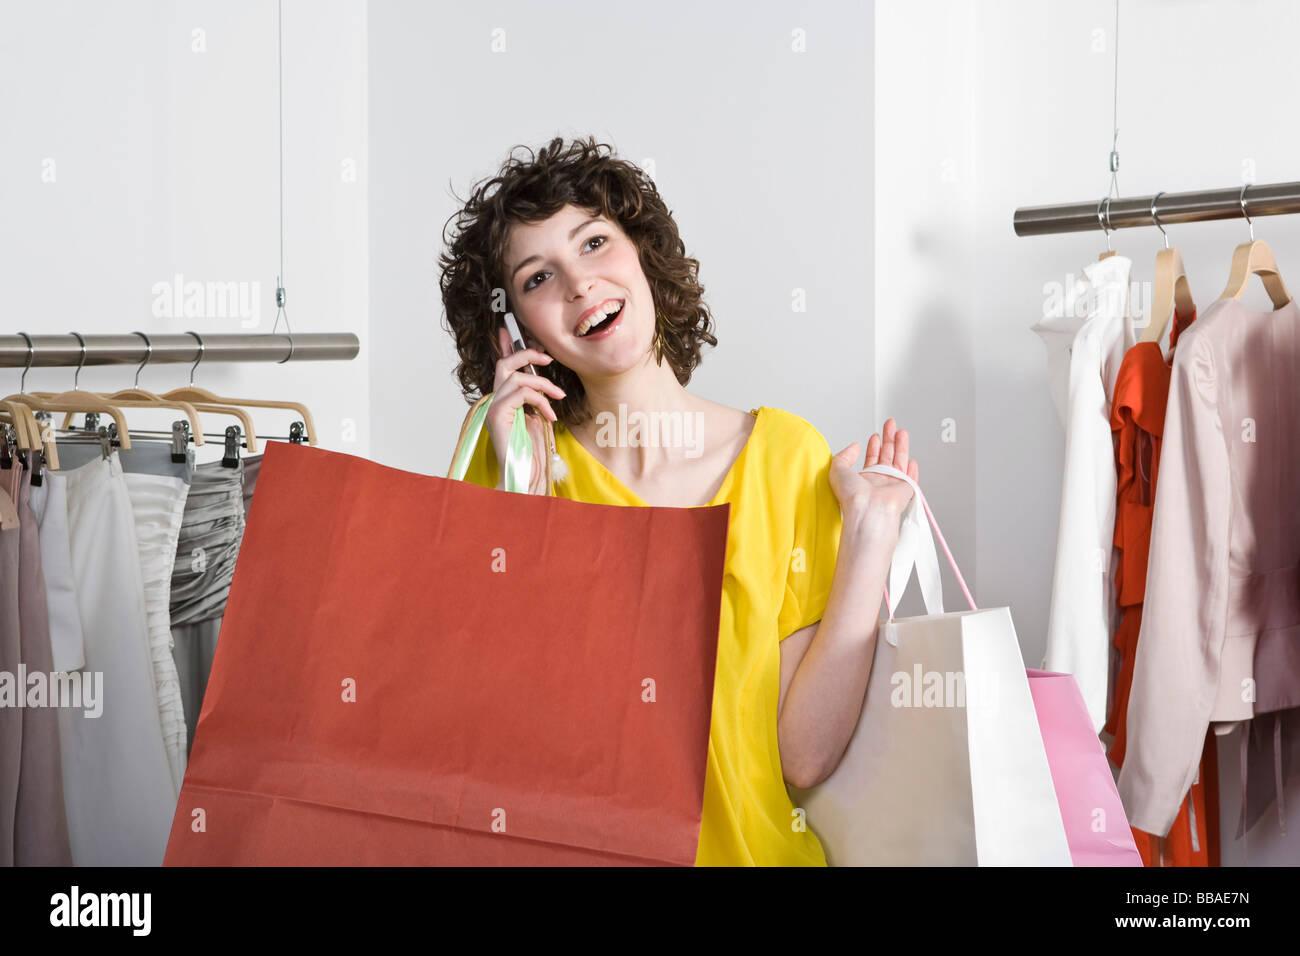 Eine Frau auf ihrem Mobiltelefon sprechen und shopping Stockfoto